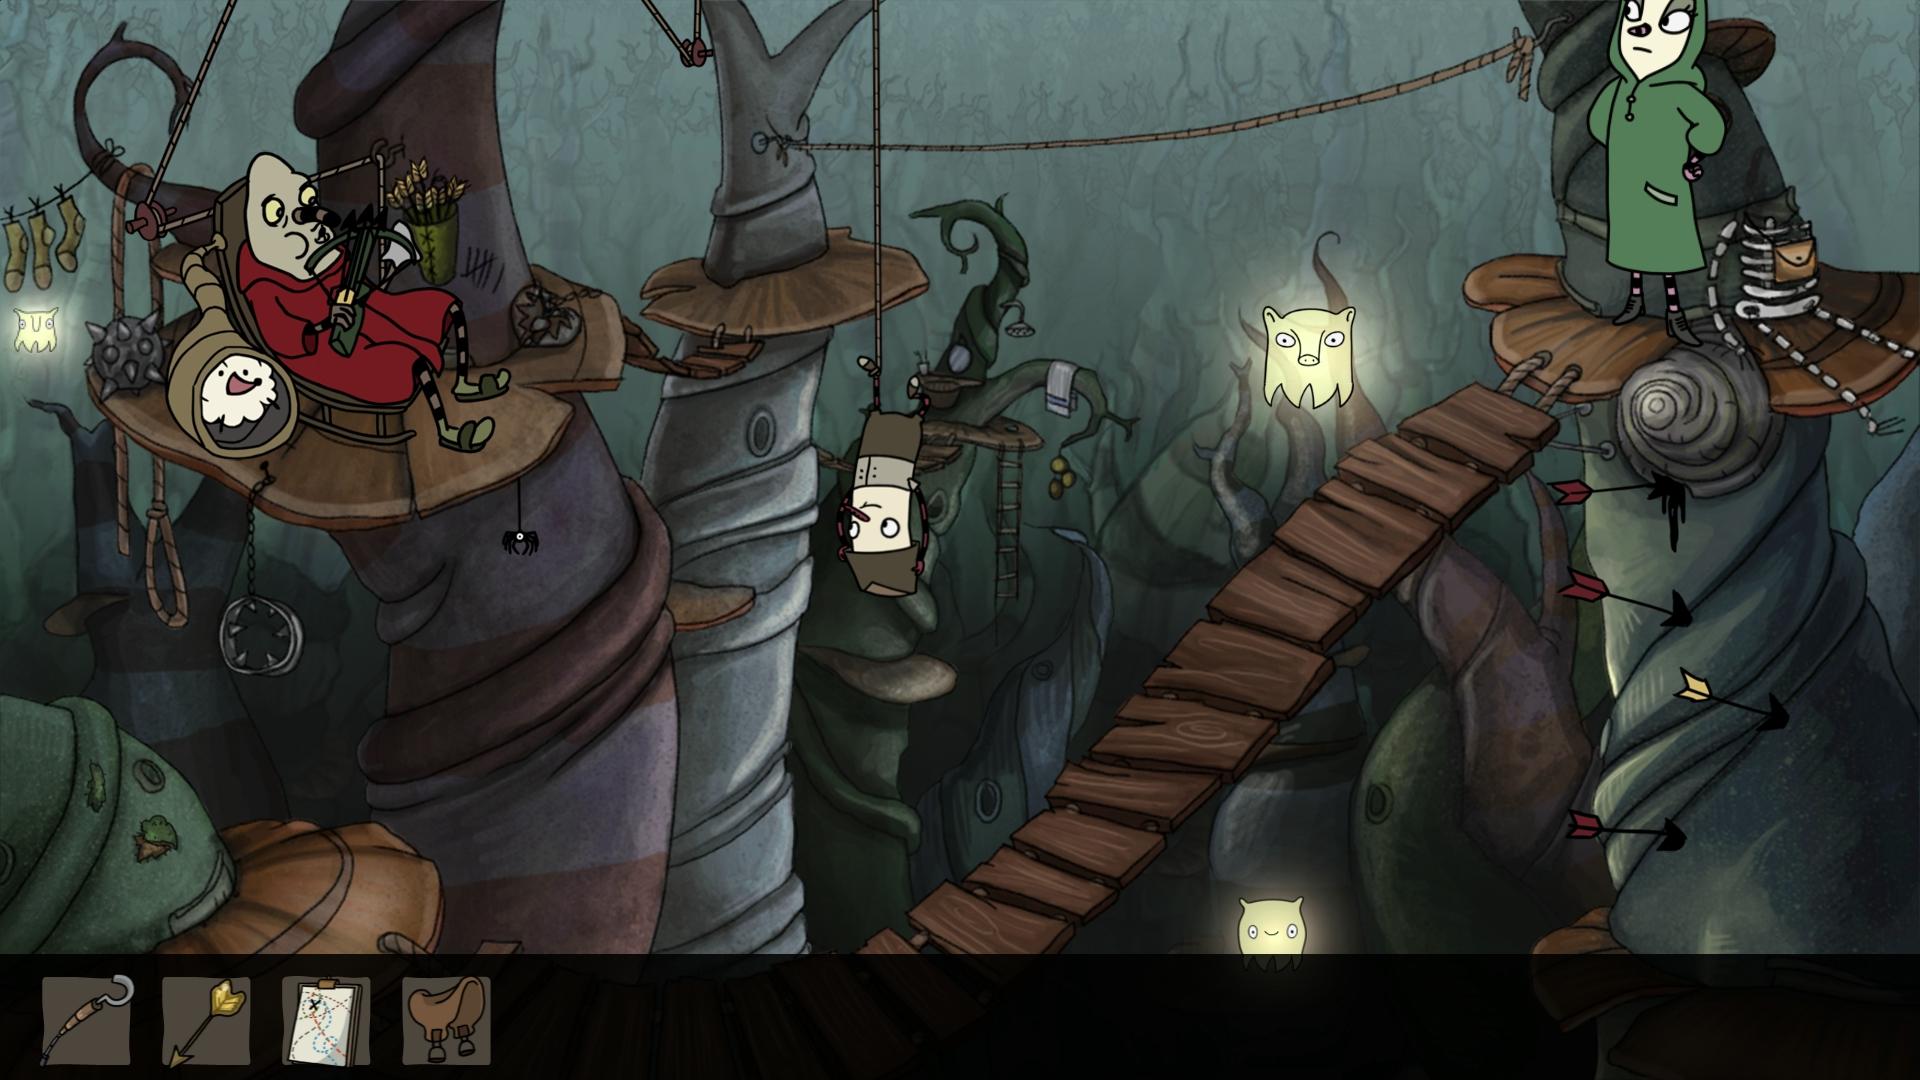 Indie-Spiele sind schwer im Kommen und erfreuen sich gerade auch im Adventure-Bereich großer Beliebtheit. Studio Fizbin zeigt mit ihrem Adventure, was mit ...